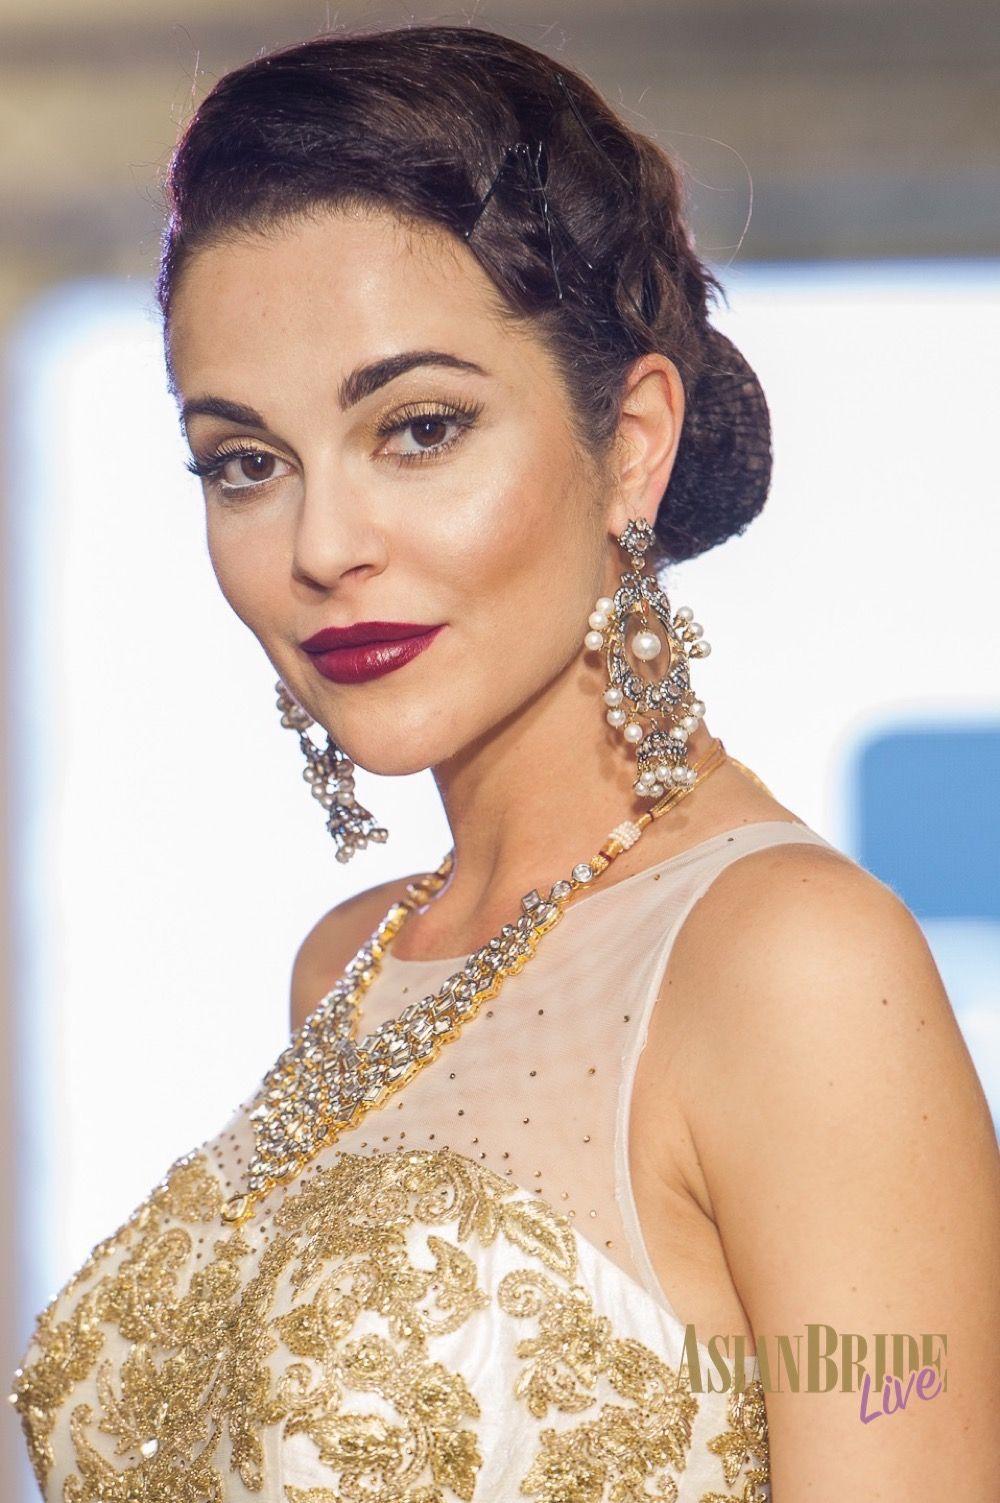 65ad3ca24f White & Gold Bibi London Wedding Dress-INDIAN-PAKISTANI-WEDDING-FASHION